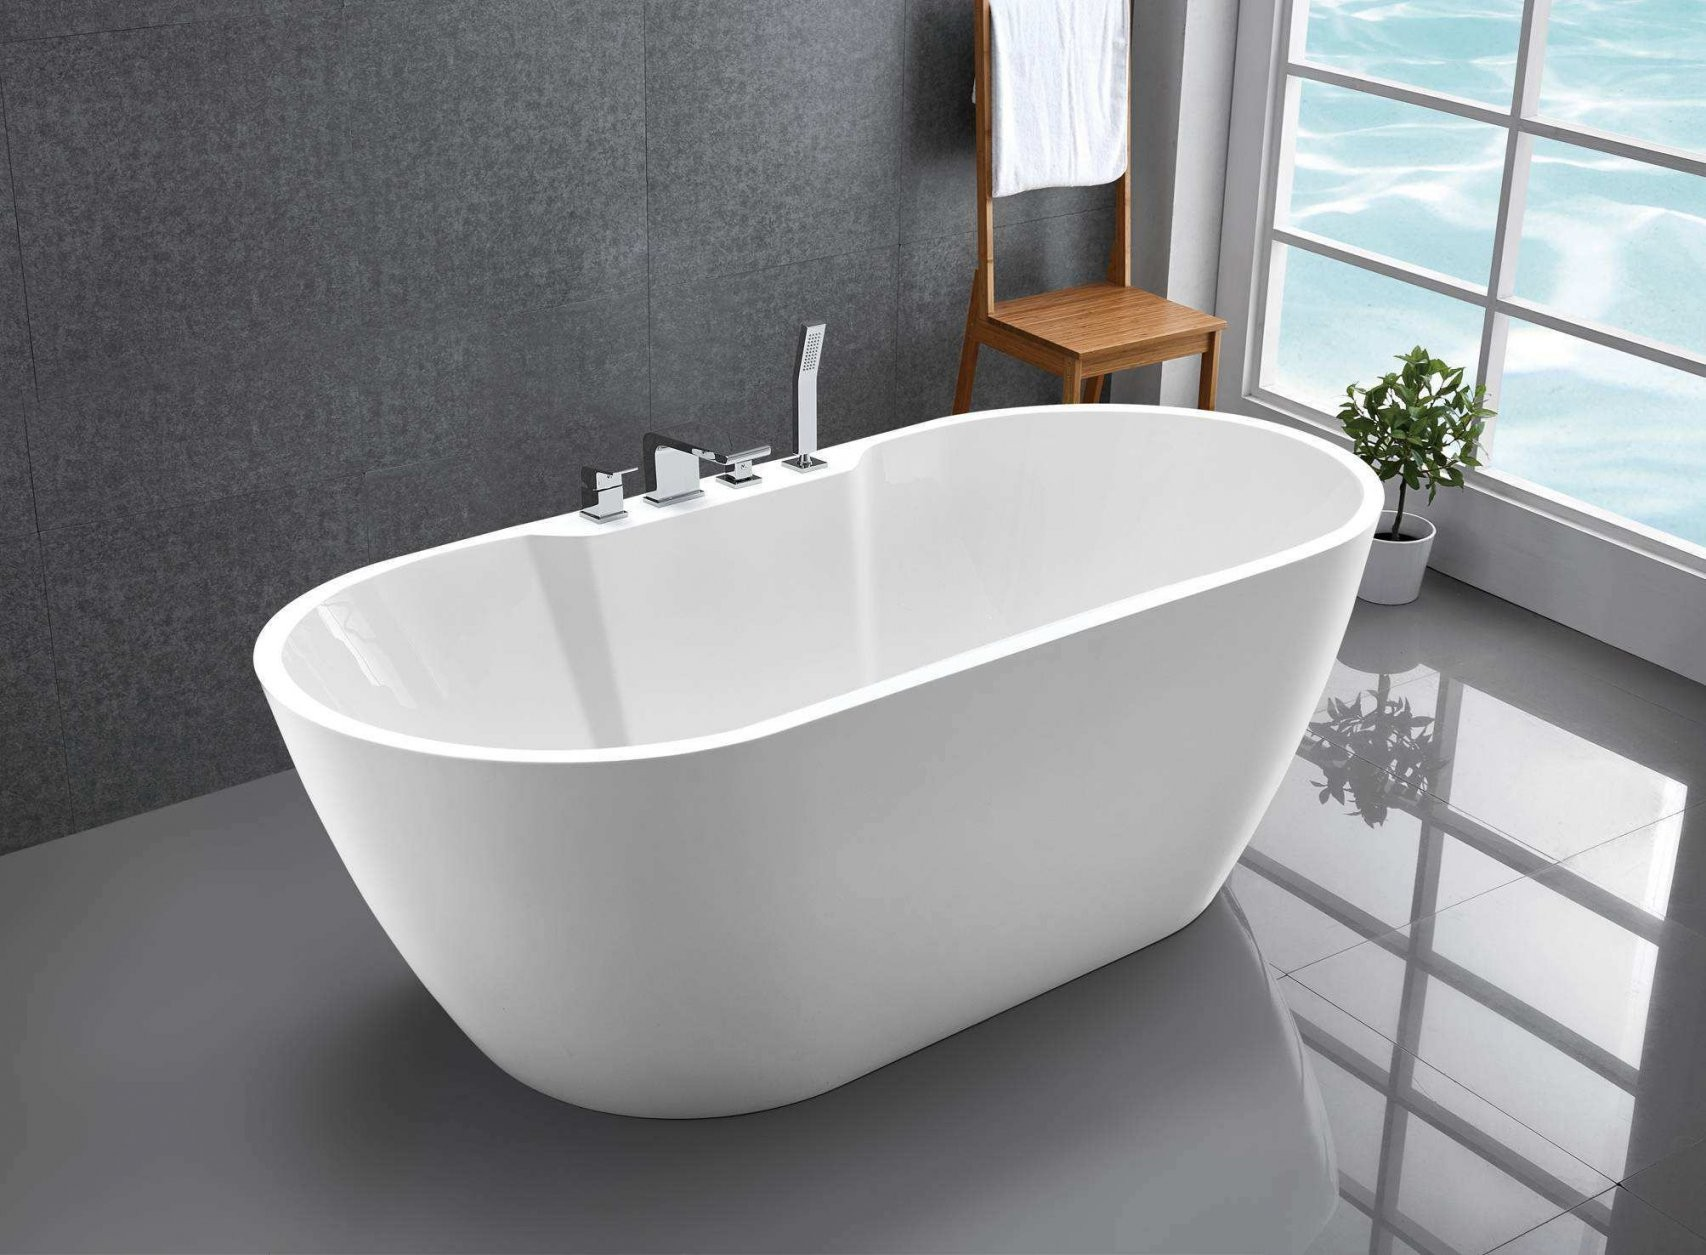 Badewanne Freistehend Günstig  Badezimmer von Badewanne Freistehend Günstig Photo